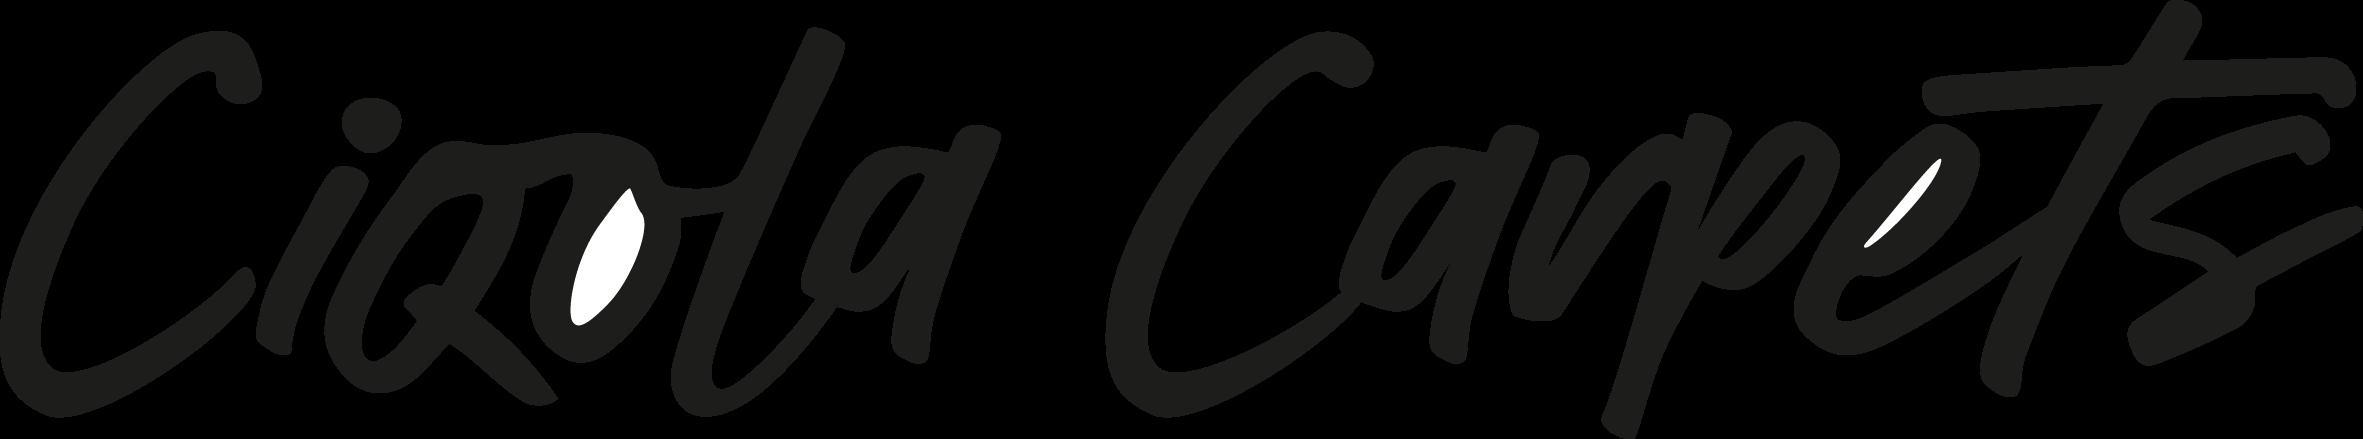 Ateles - Ciqola-Carpets